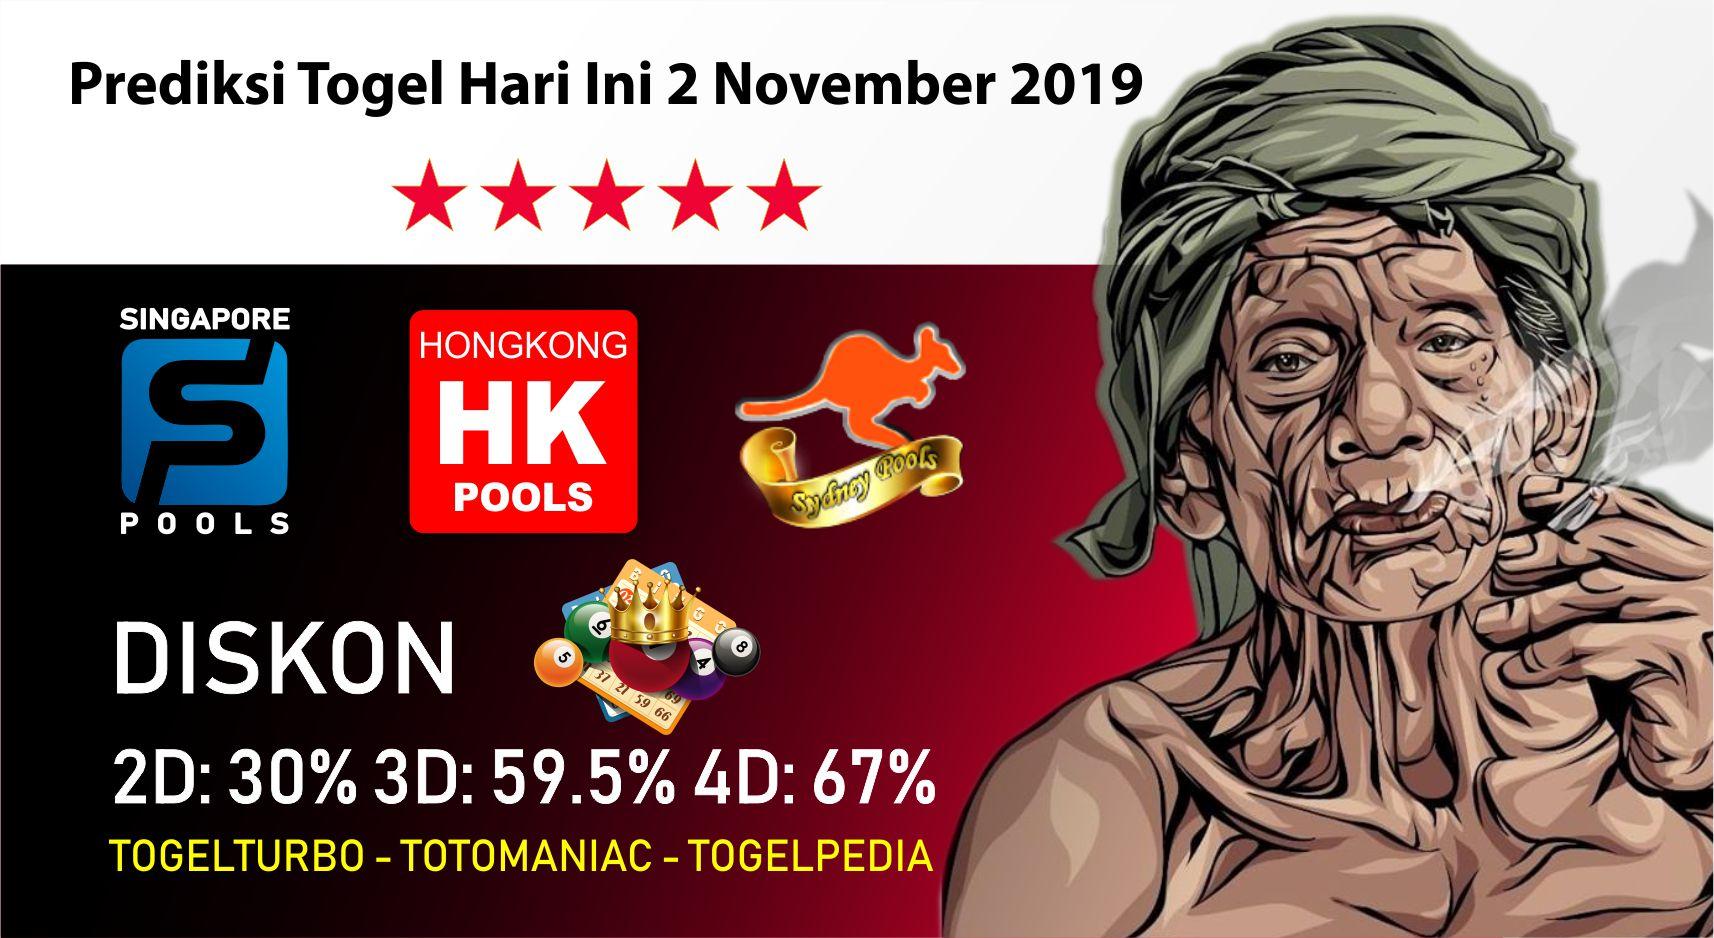 Prediksi Togel Hari Ini 2 November 2019 Prediksiangka